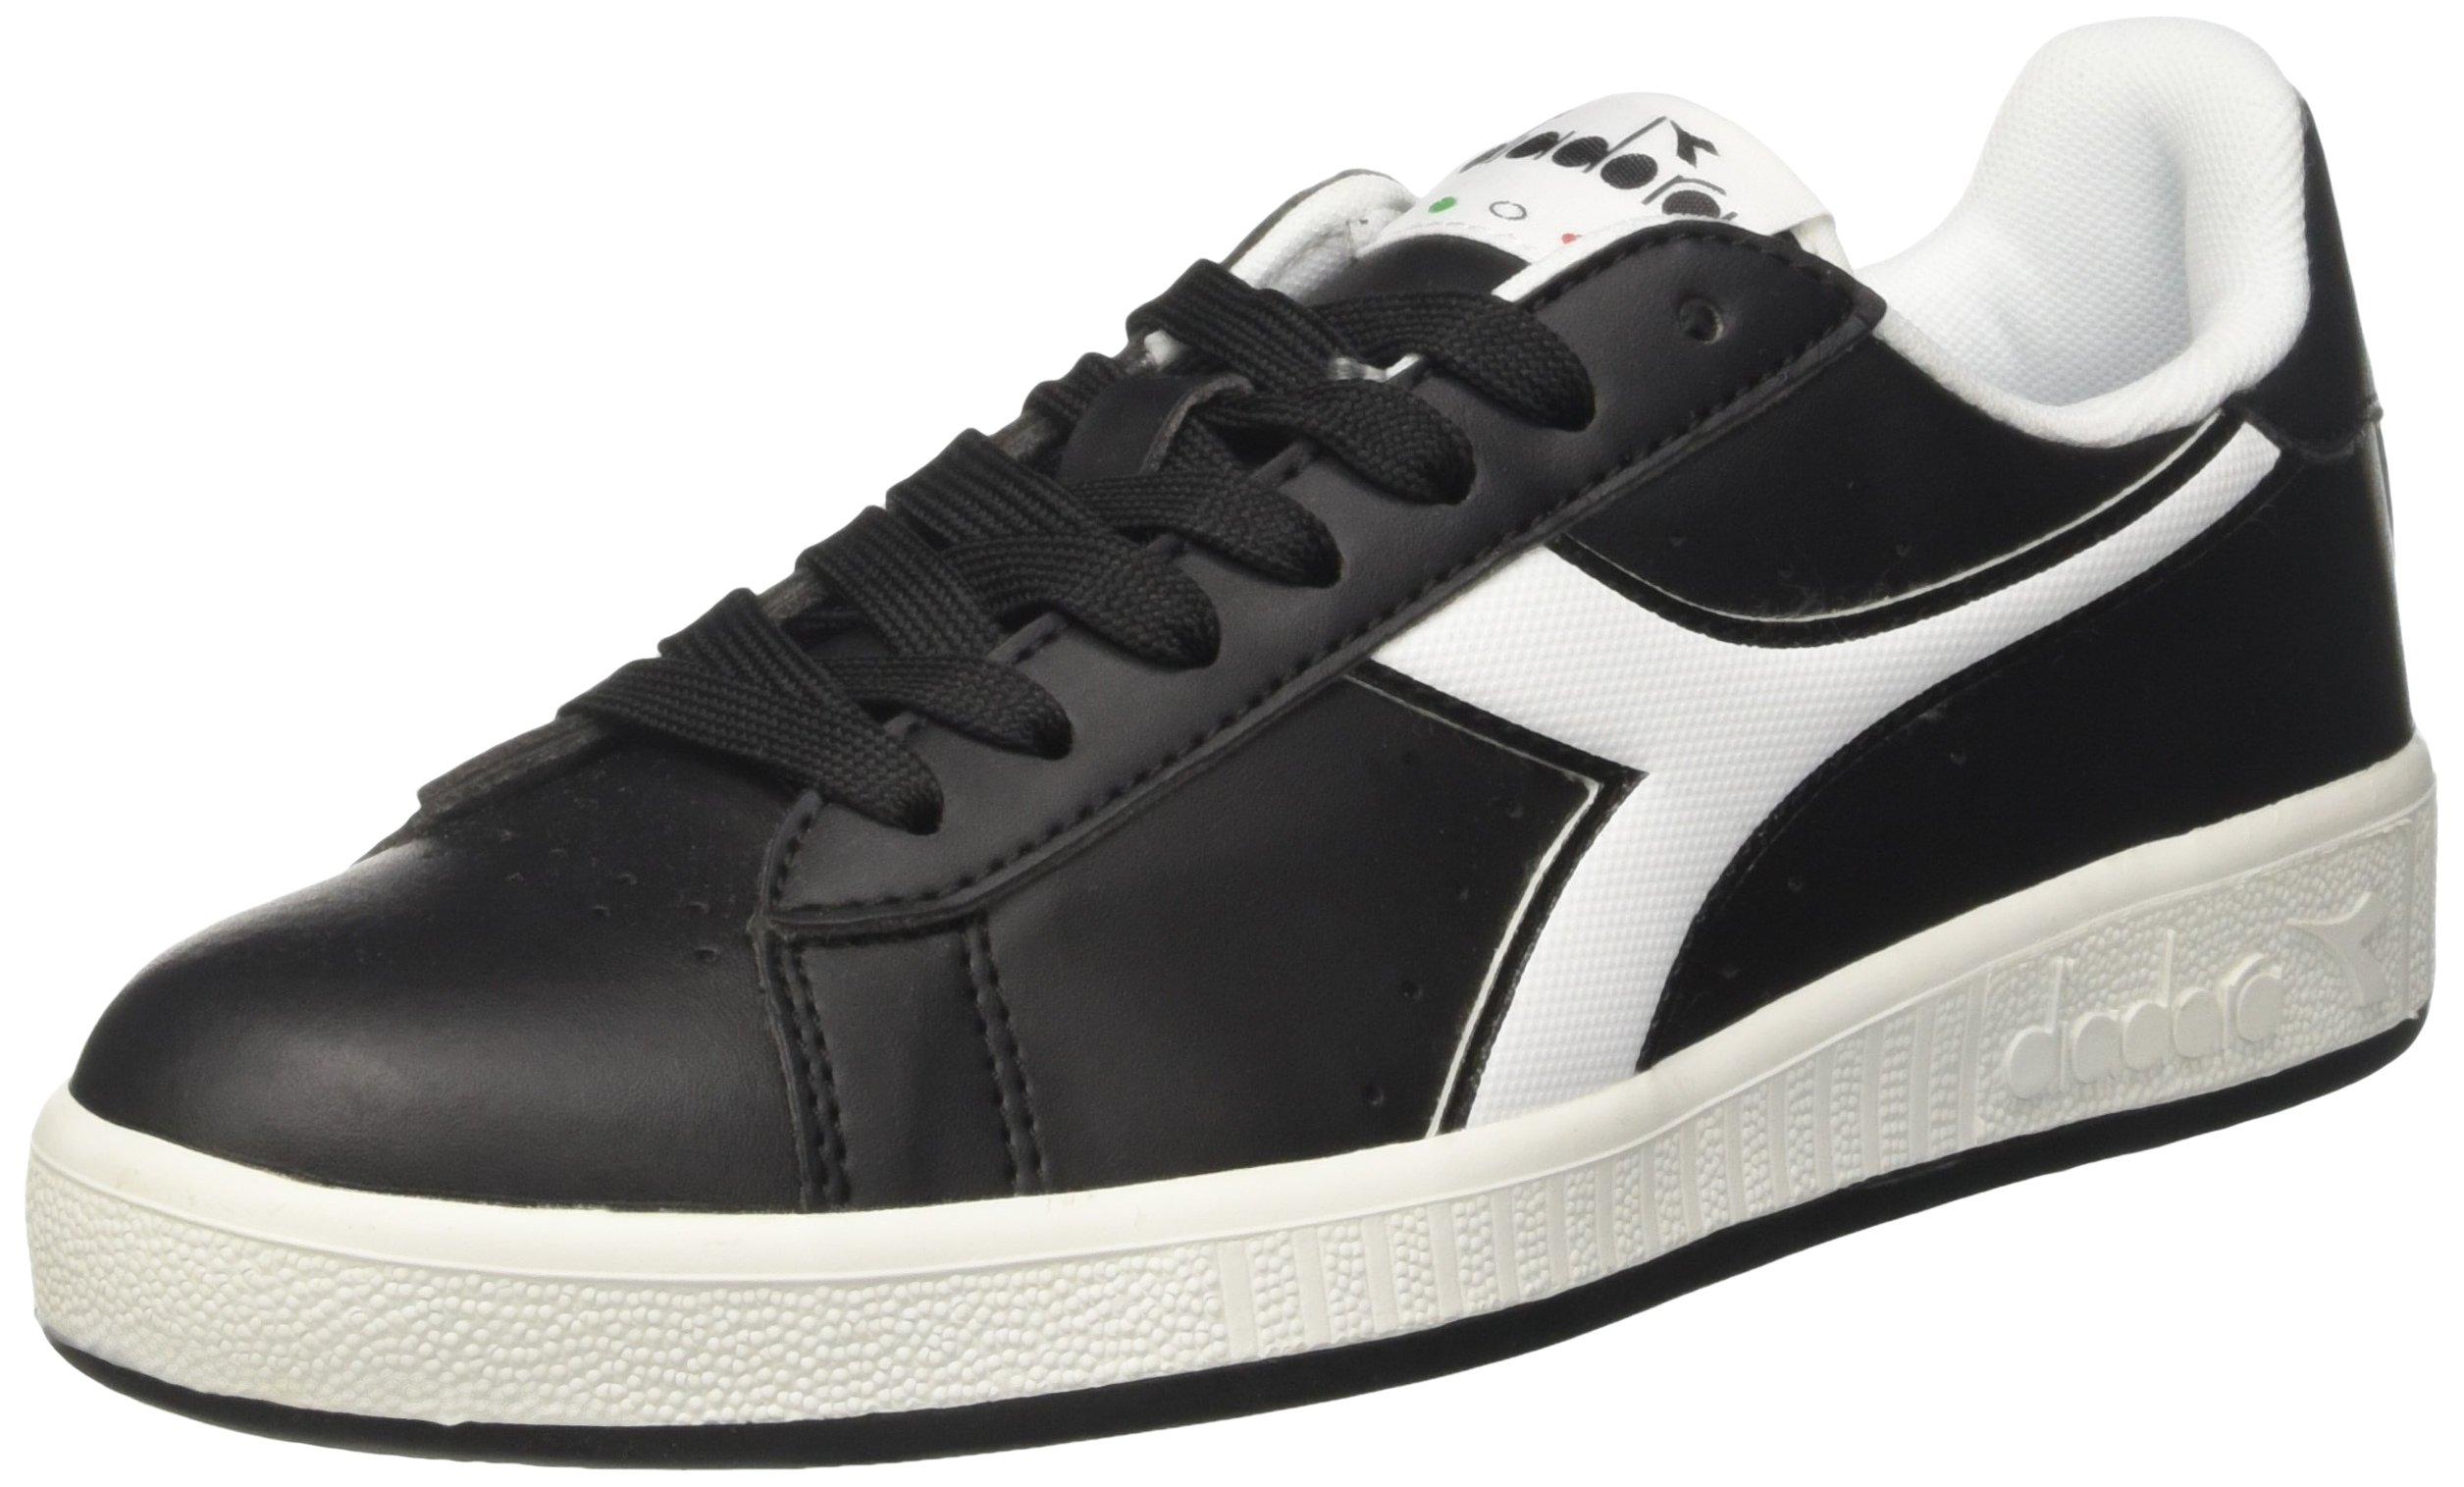 PSneakers Diadora Game Basses HommeNoirnero45 5 Eu K1FJTlc